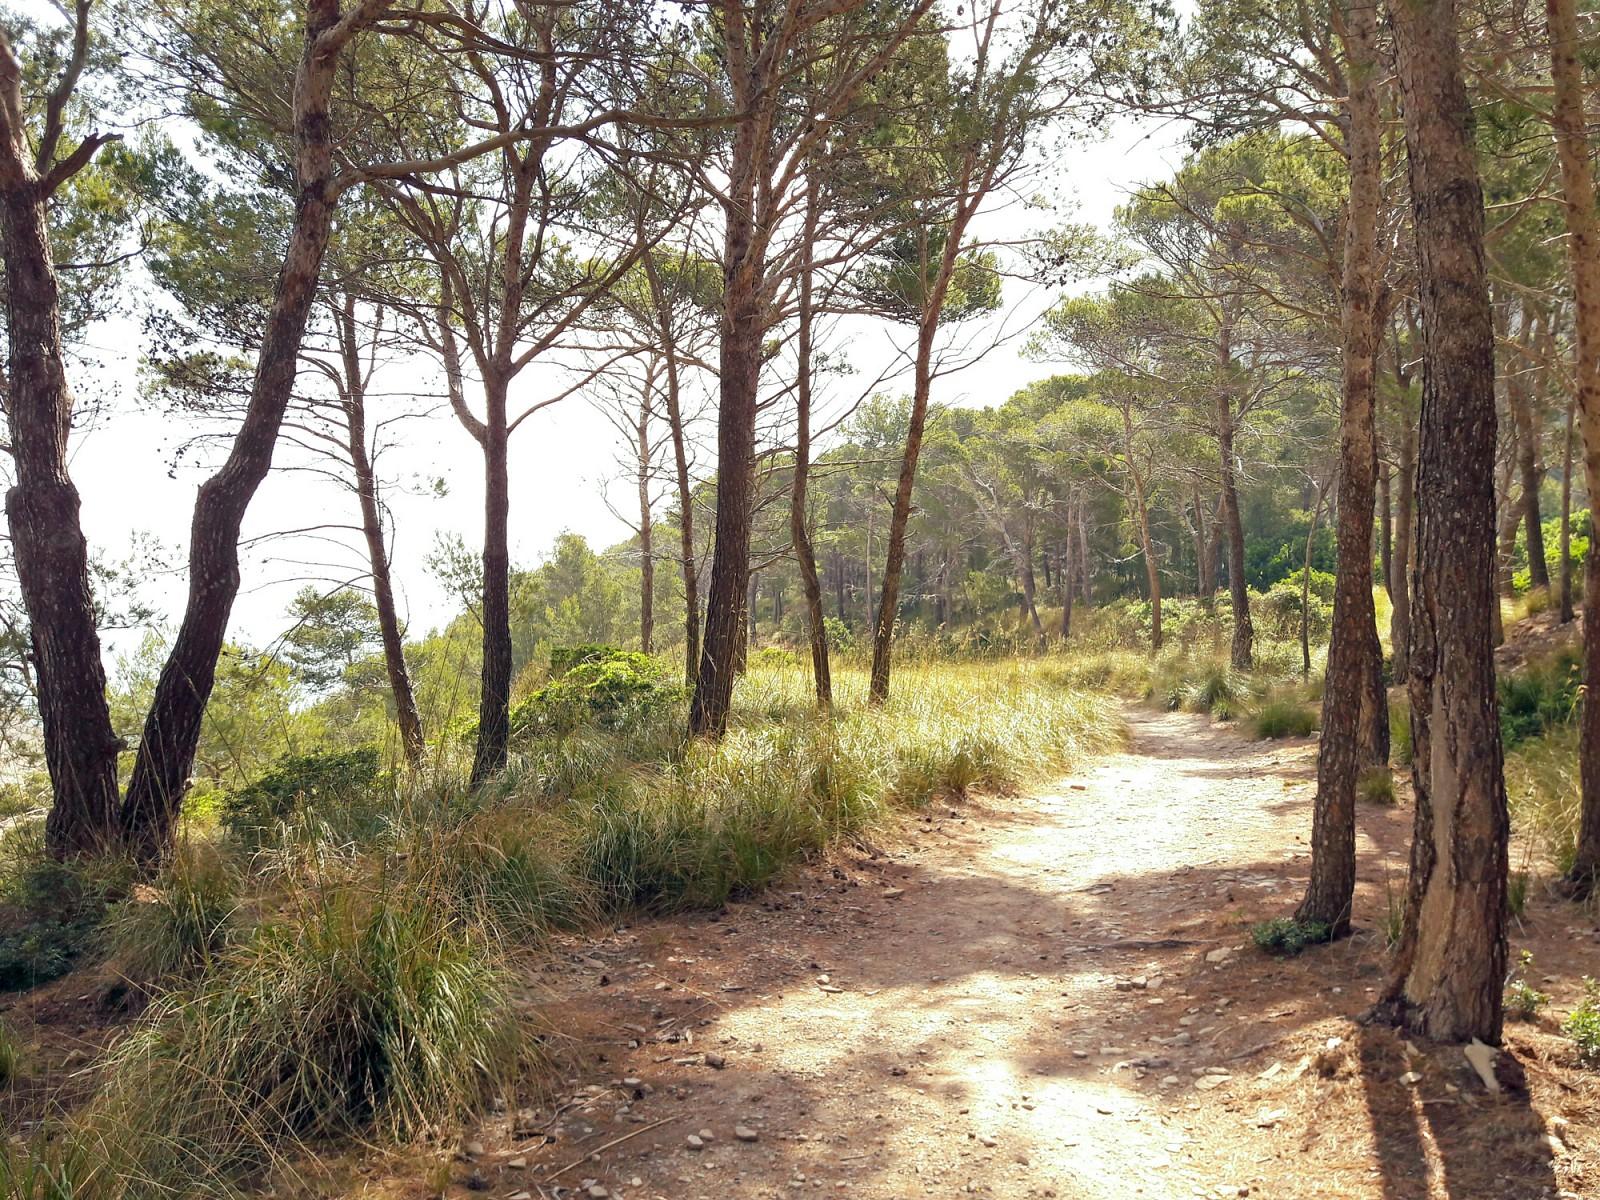 pAn-der-Haltestelle-Cala-Murta-steige-ich-ausnbspViele-Mitfahrer-machen-sich-auf-den-Weg-hinunter-zur-Bucht-Ich-nehme-einen-Pfad-auf-der-anderen-Straszligenseite-zur-Cala-Figuerap